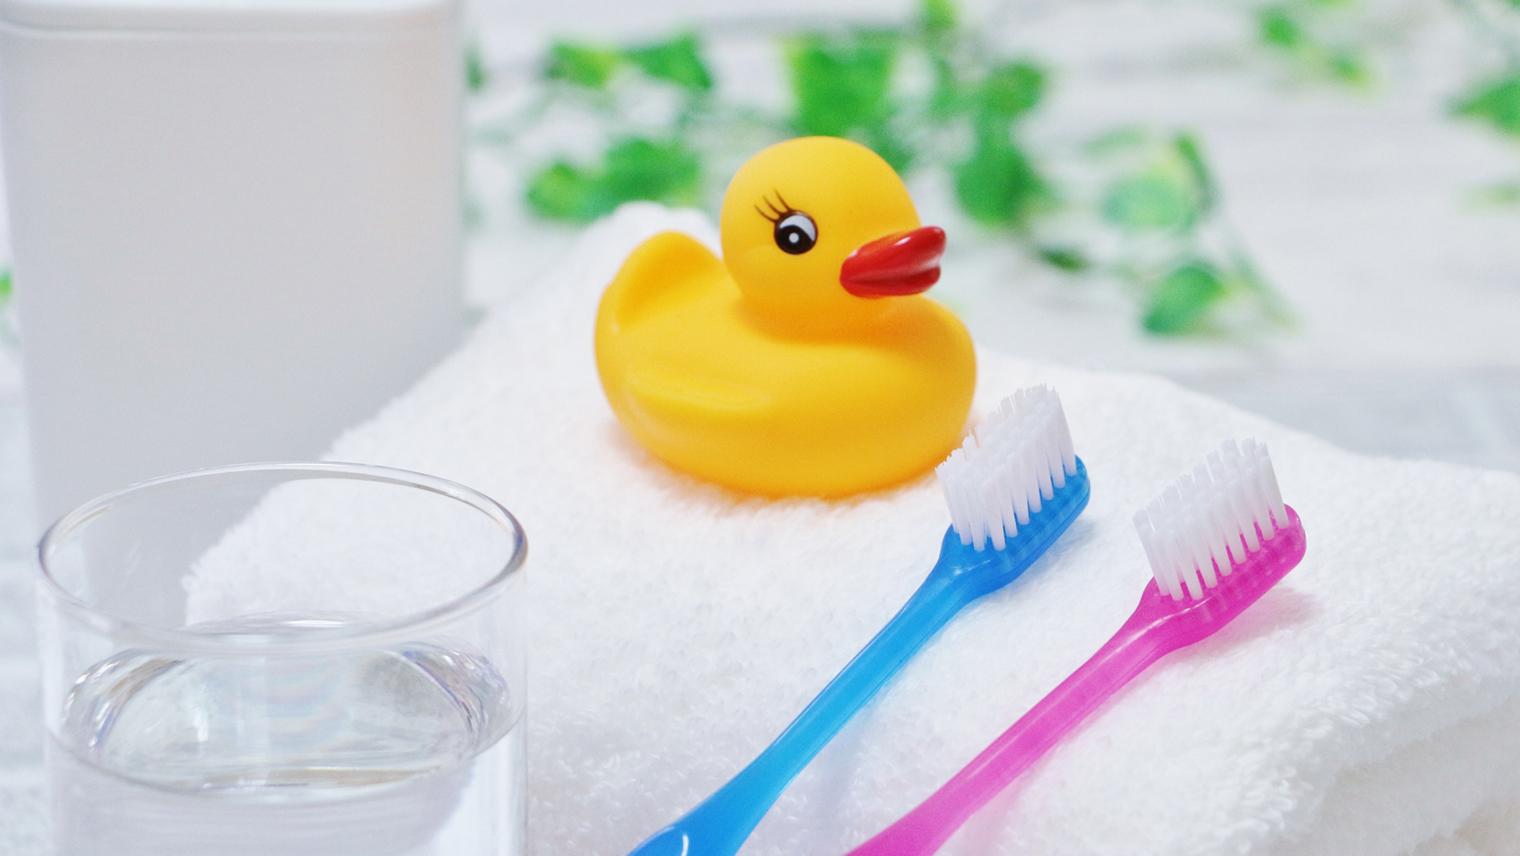 いつから始める?赤ちゃんの歯磨き時期と磨き方